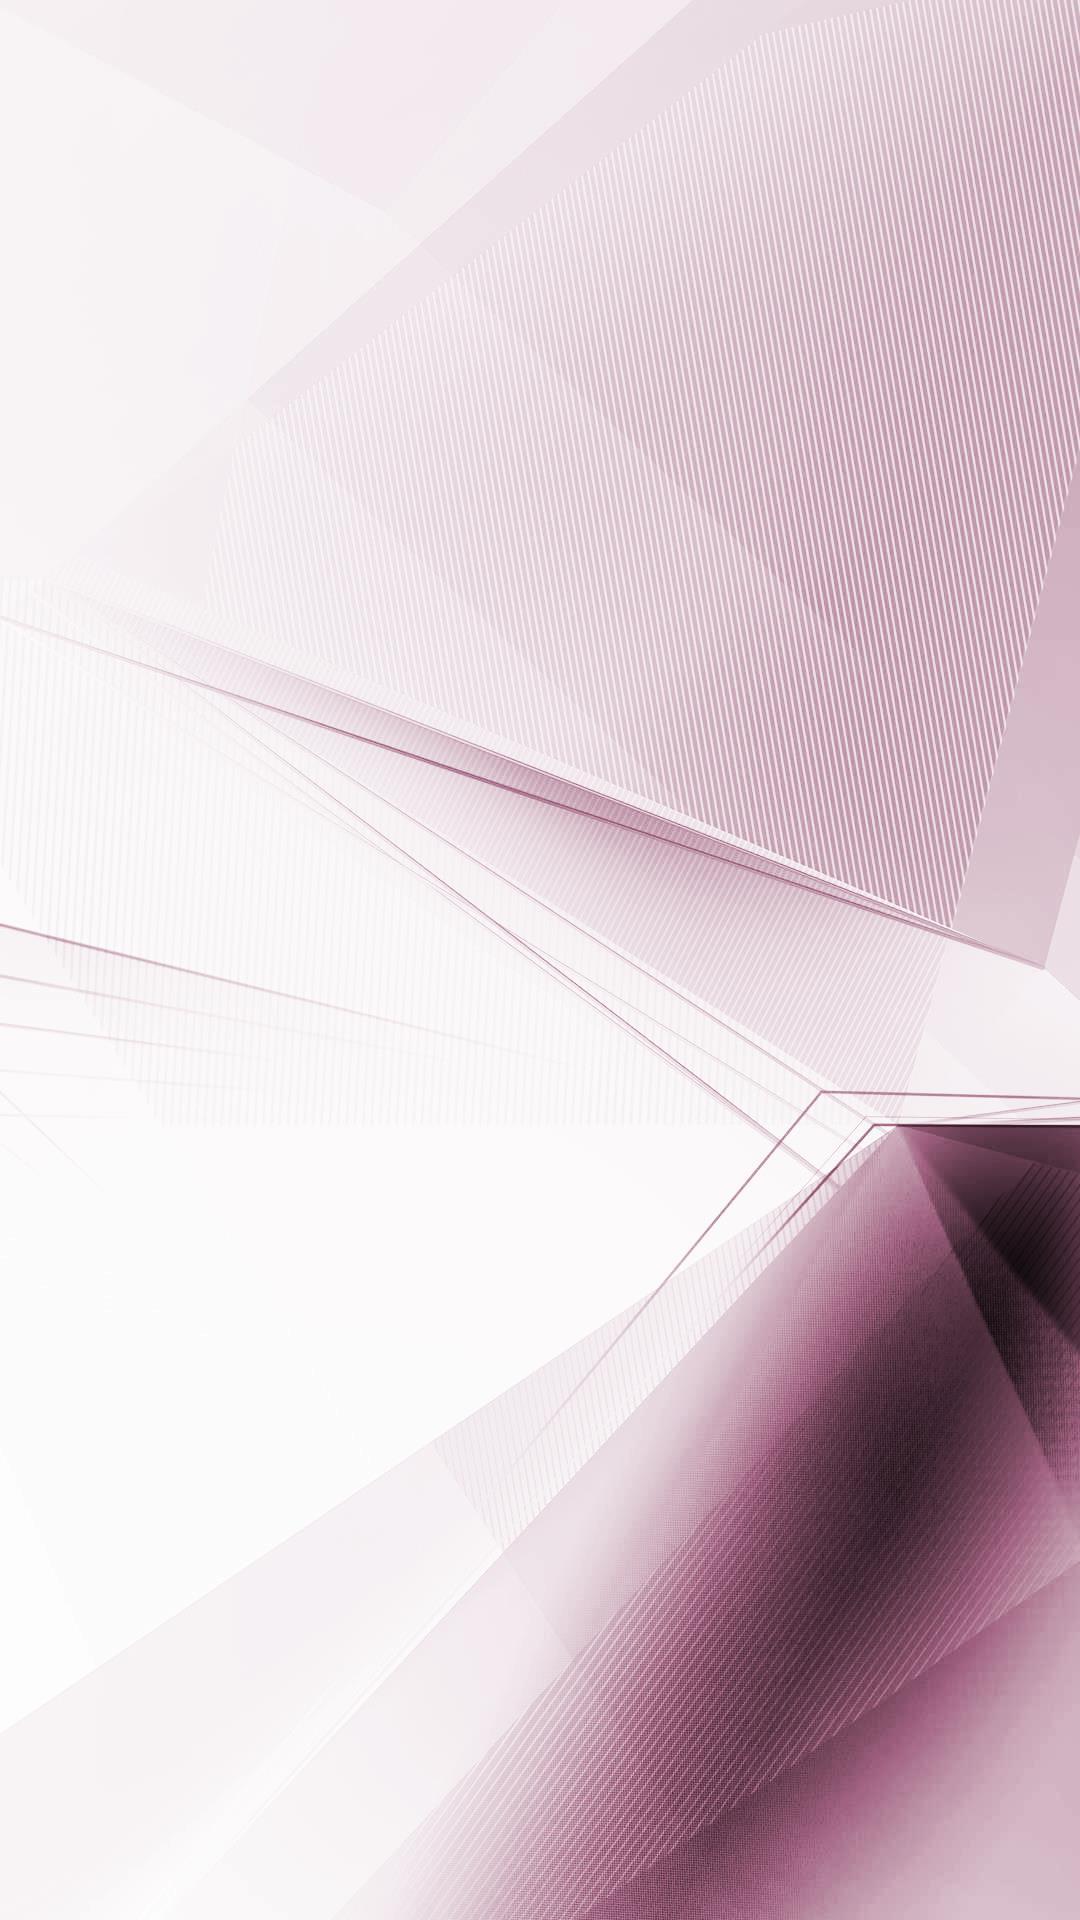 프리즘 컬러 파스텔 에디션 배경화면 (6).jpg